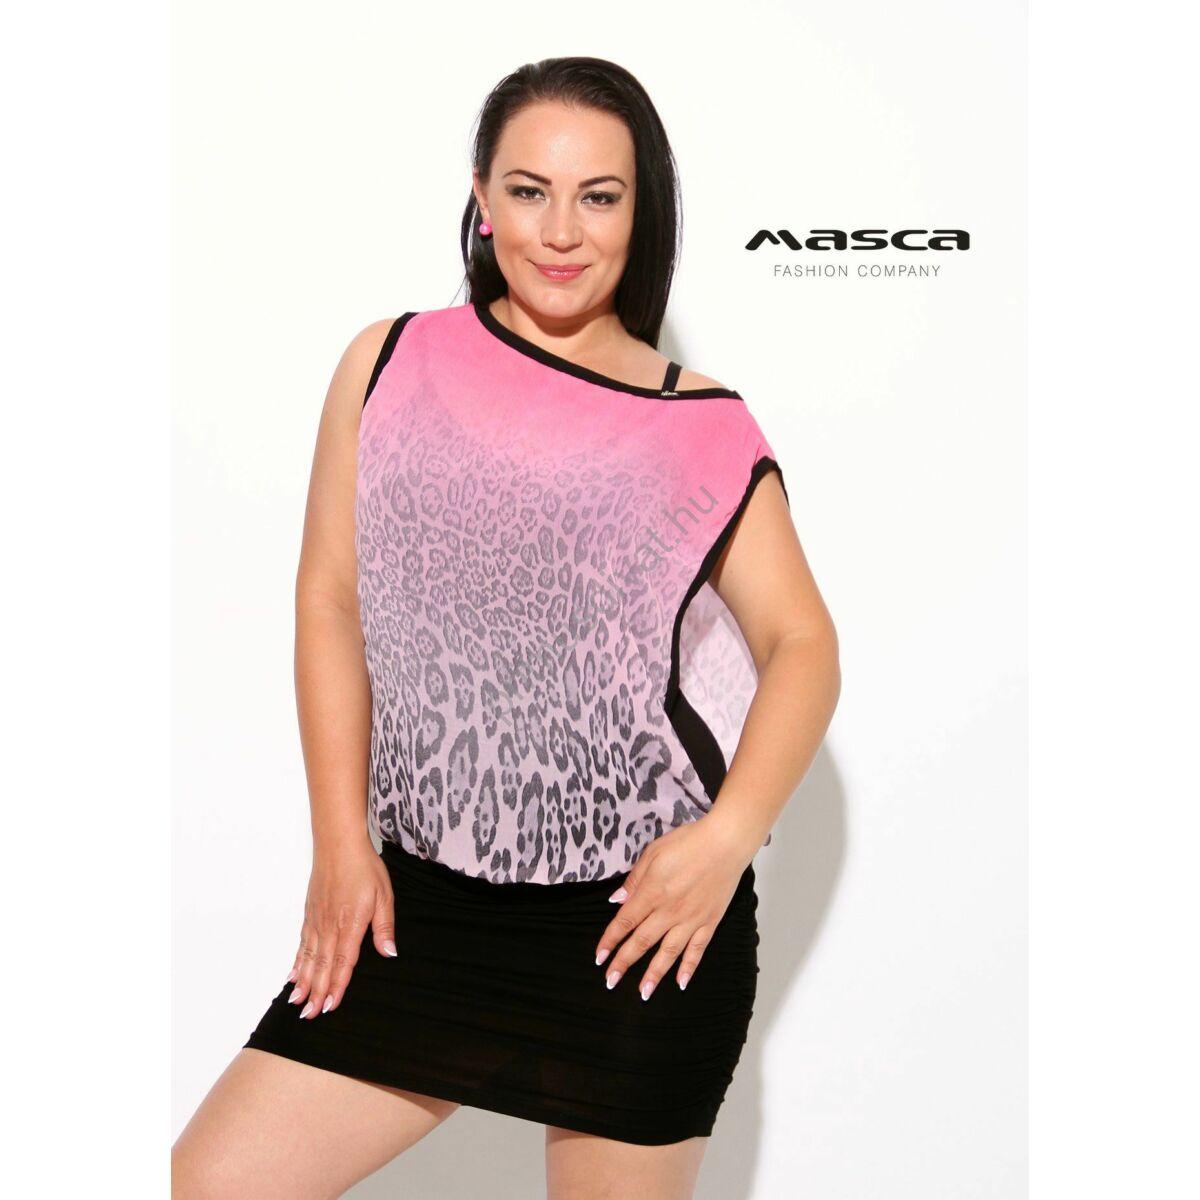 7c44acc0f8 Kép 1/1 - Masca Fashion kétrétegű, pink színátmenetes laza muszlin  előrészű, spagettipántos fekete miniruha, ráncolt szoknyarésszel